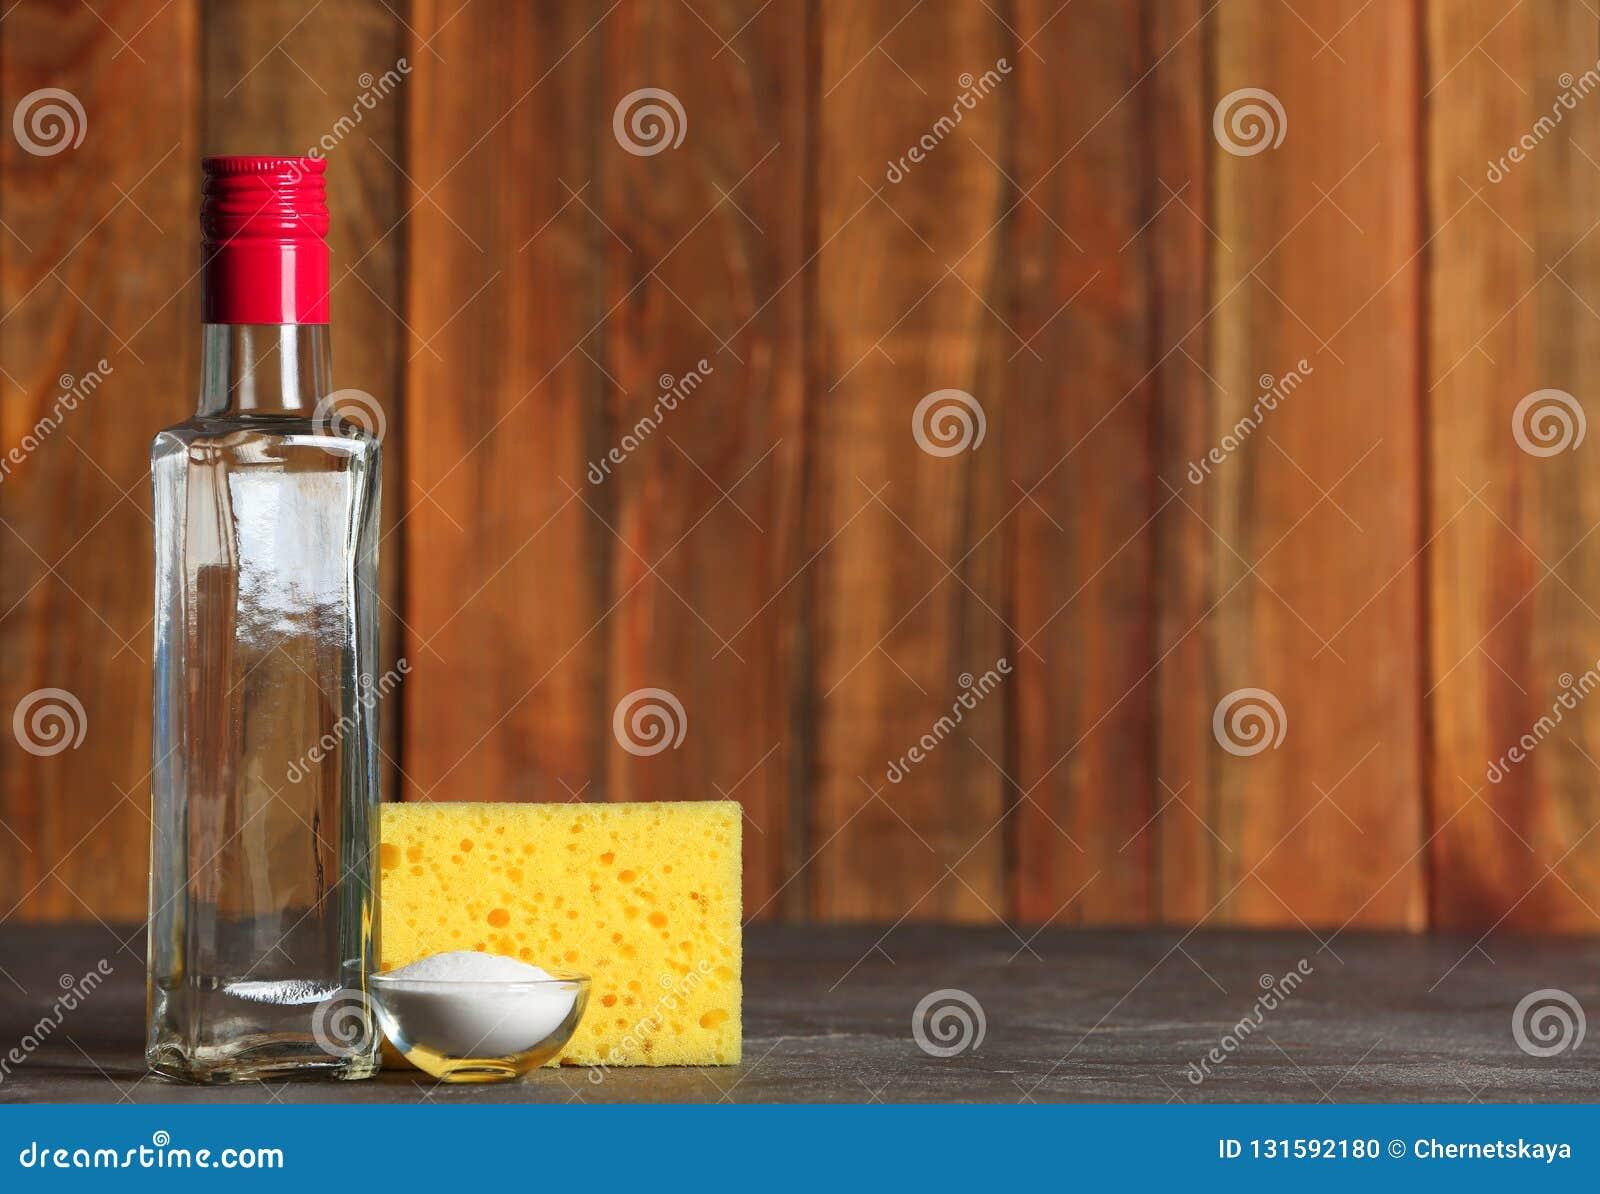 Vinegar, baking soda and sponge for cleaning